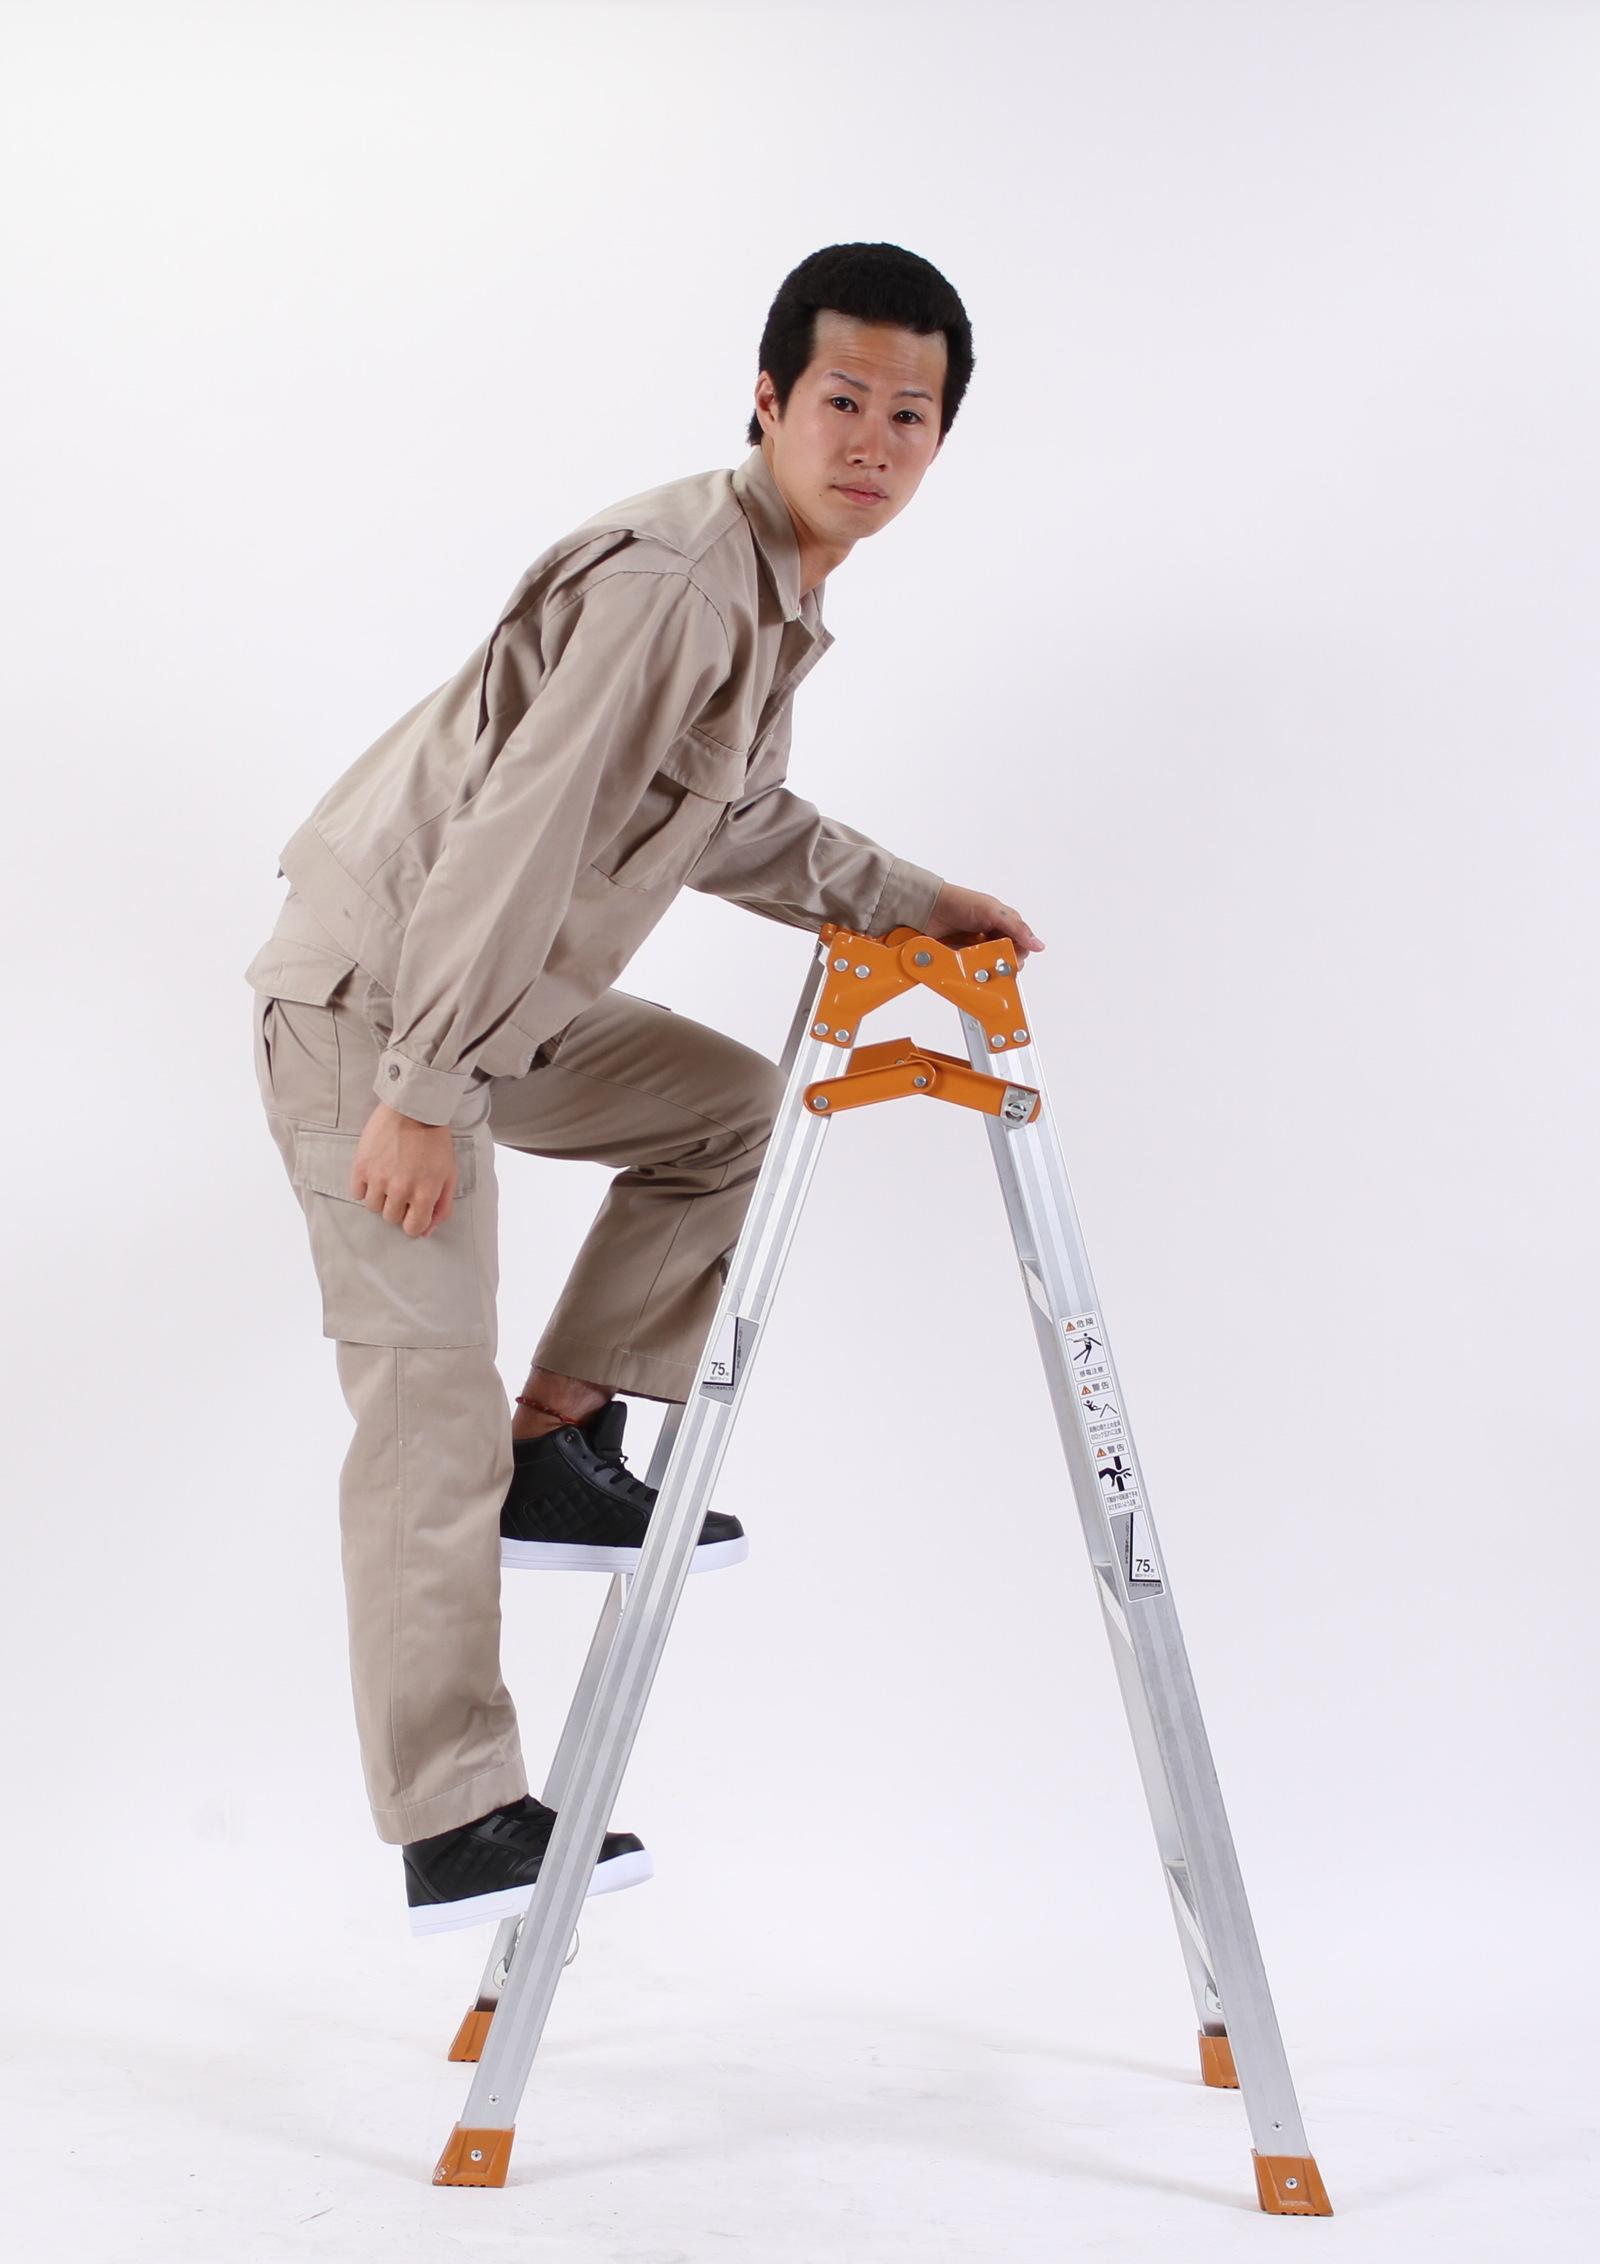 アキレス腱を伸ばしながら登ると気持ちいいよ!,シニア,写真,画像,素材,老人,高齢者,フリー